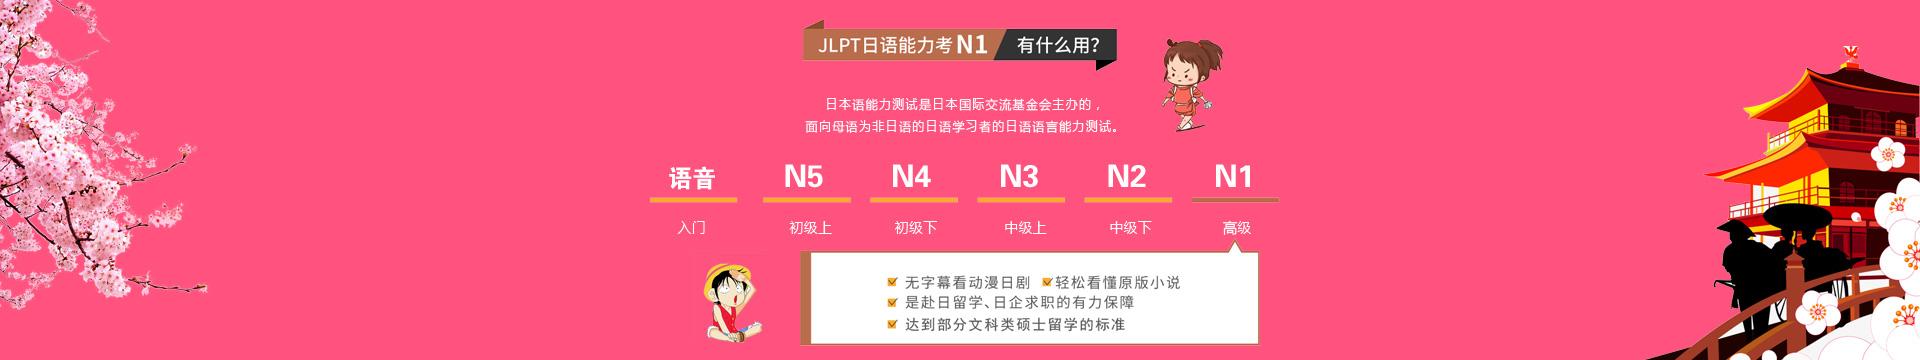 雅风小语种告诉你JLPT日语能力考试N1有什么用